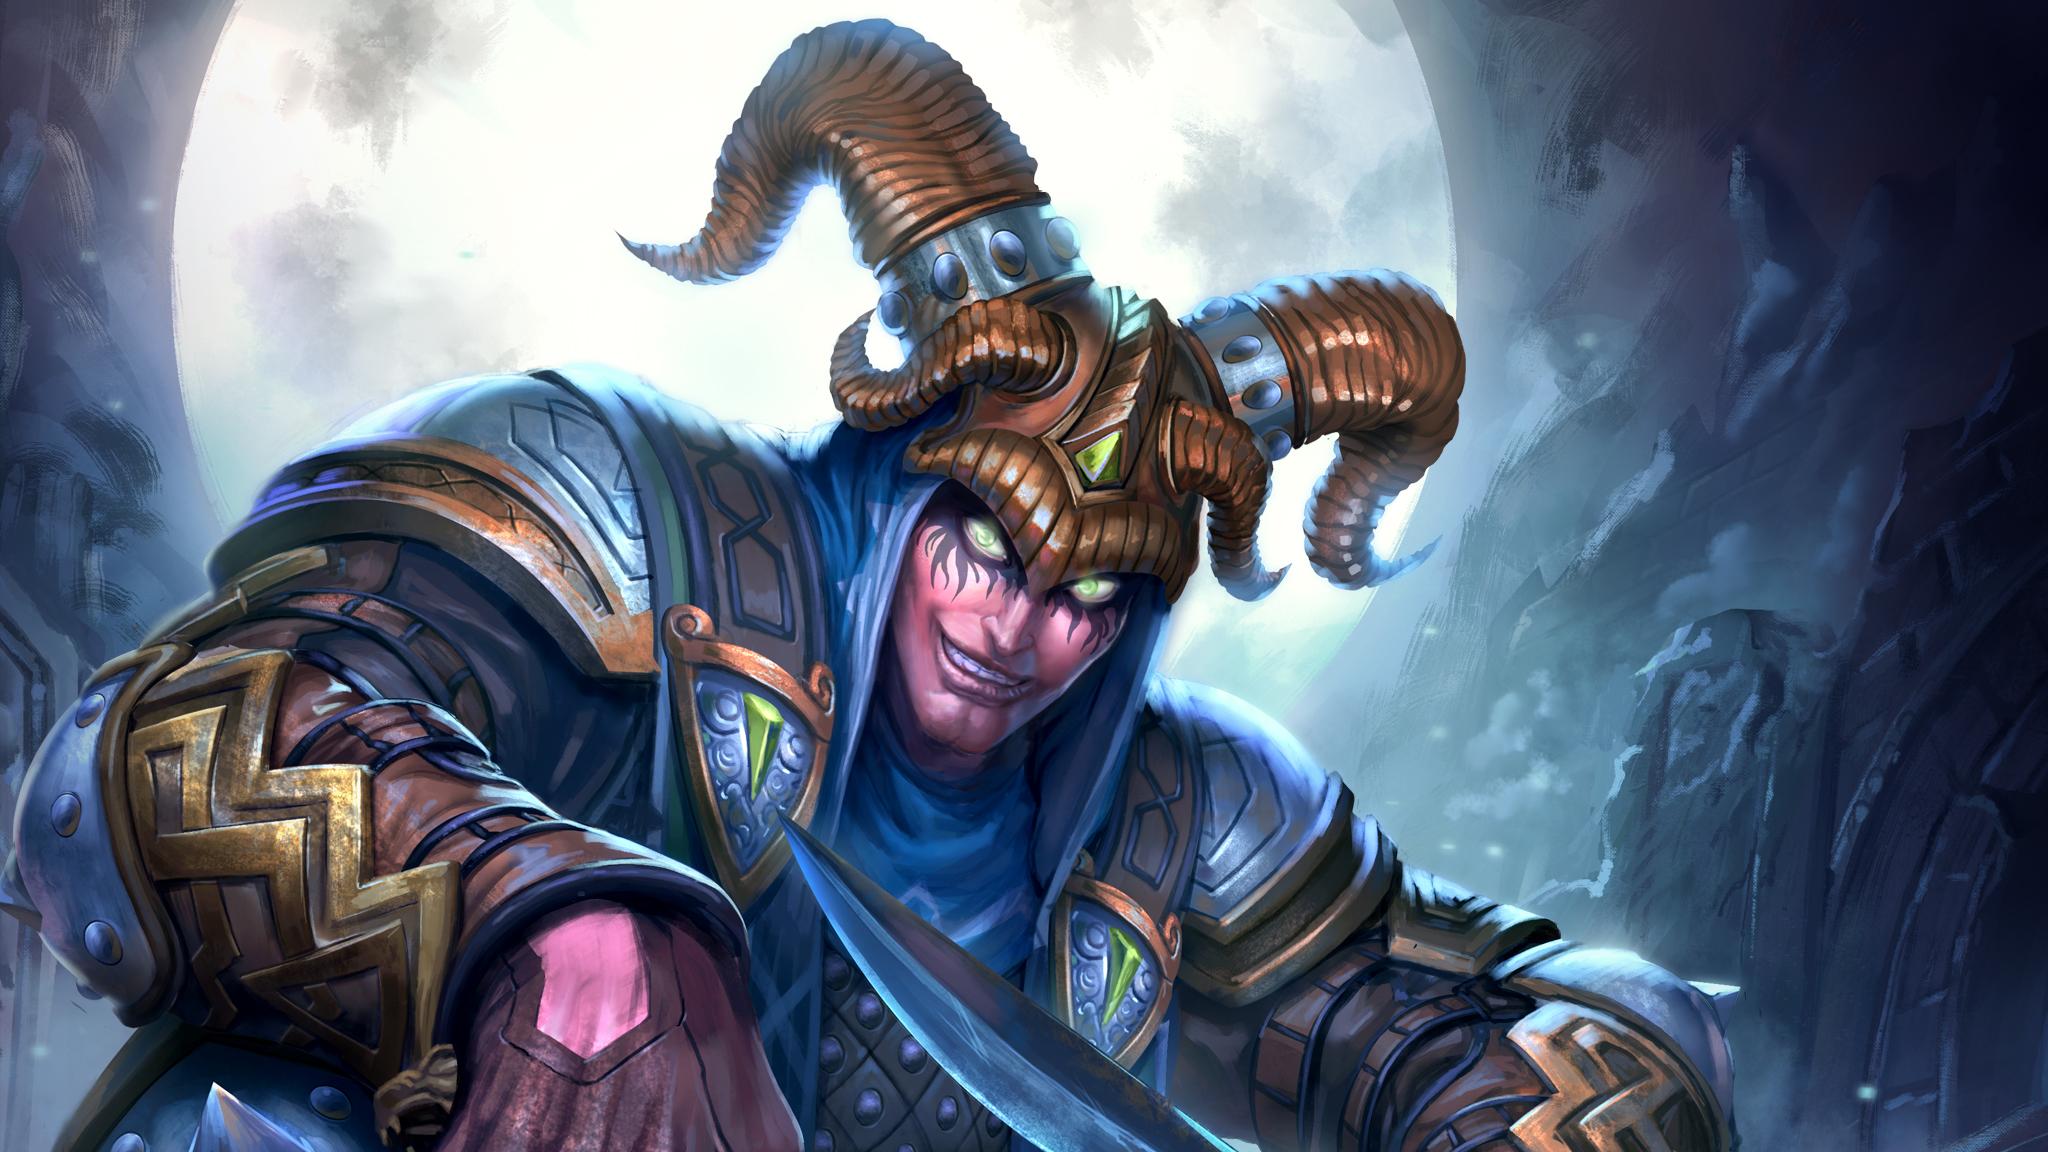 Smite Loki - HD Wallpaper